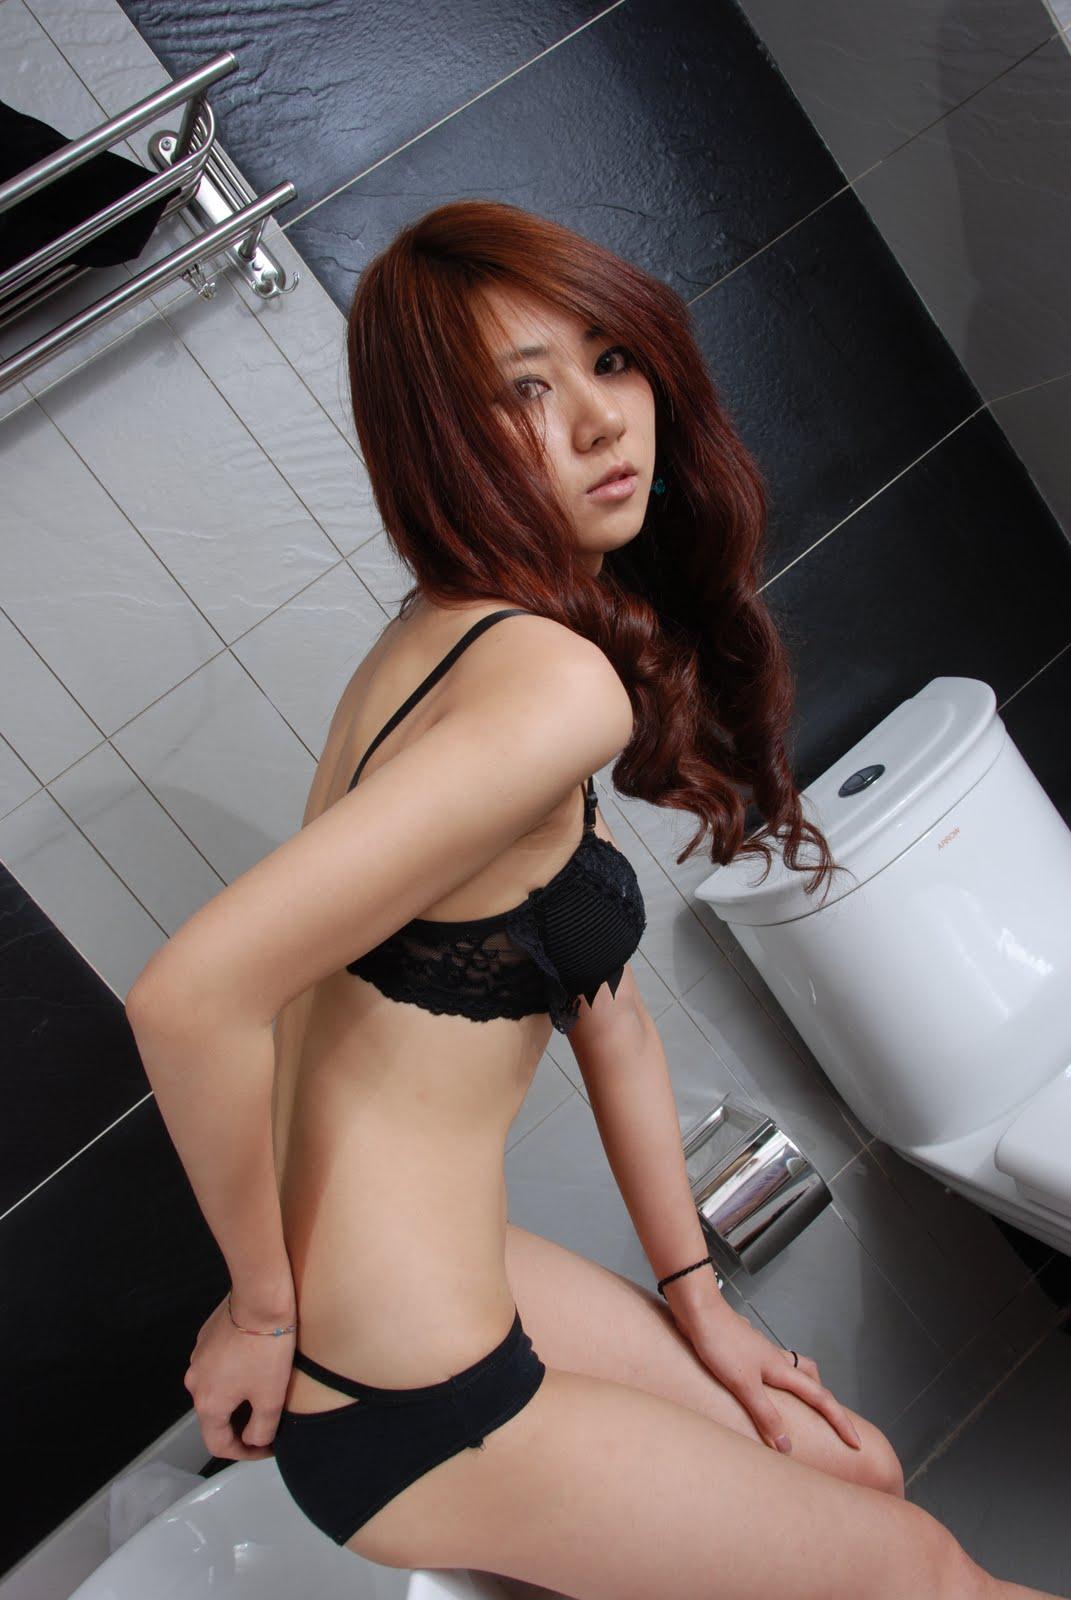 yan feng jiao sexy bikini photos 02